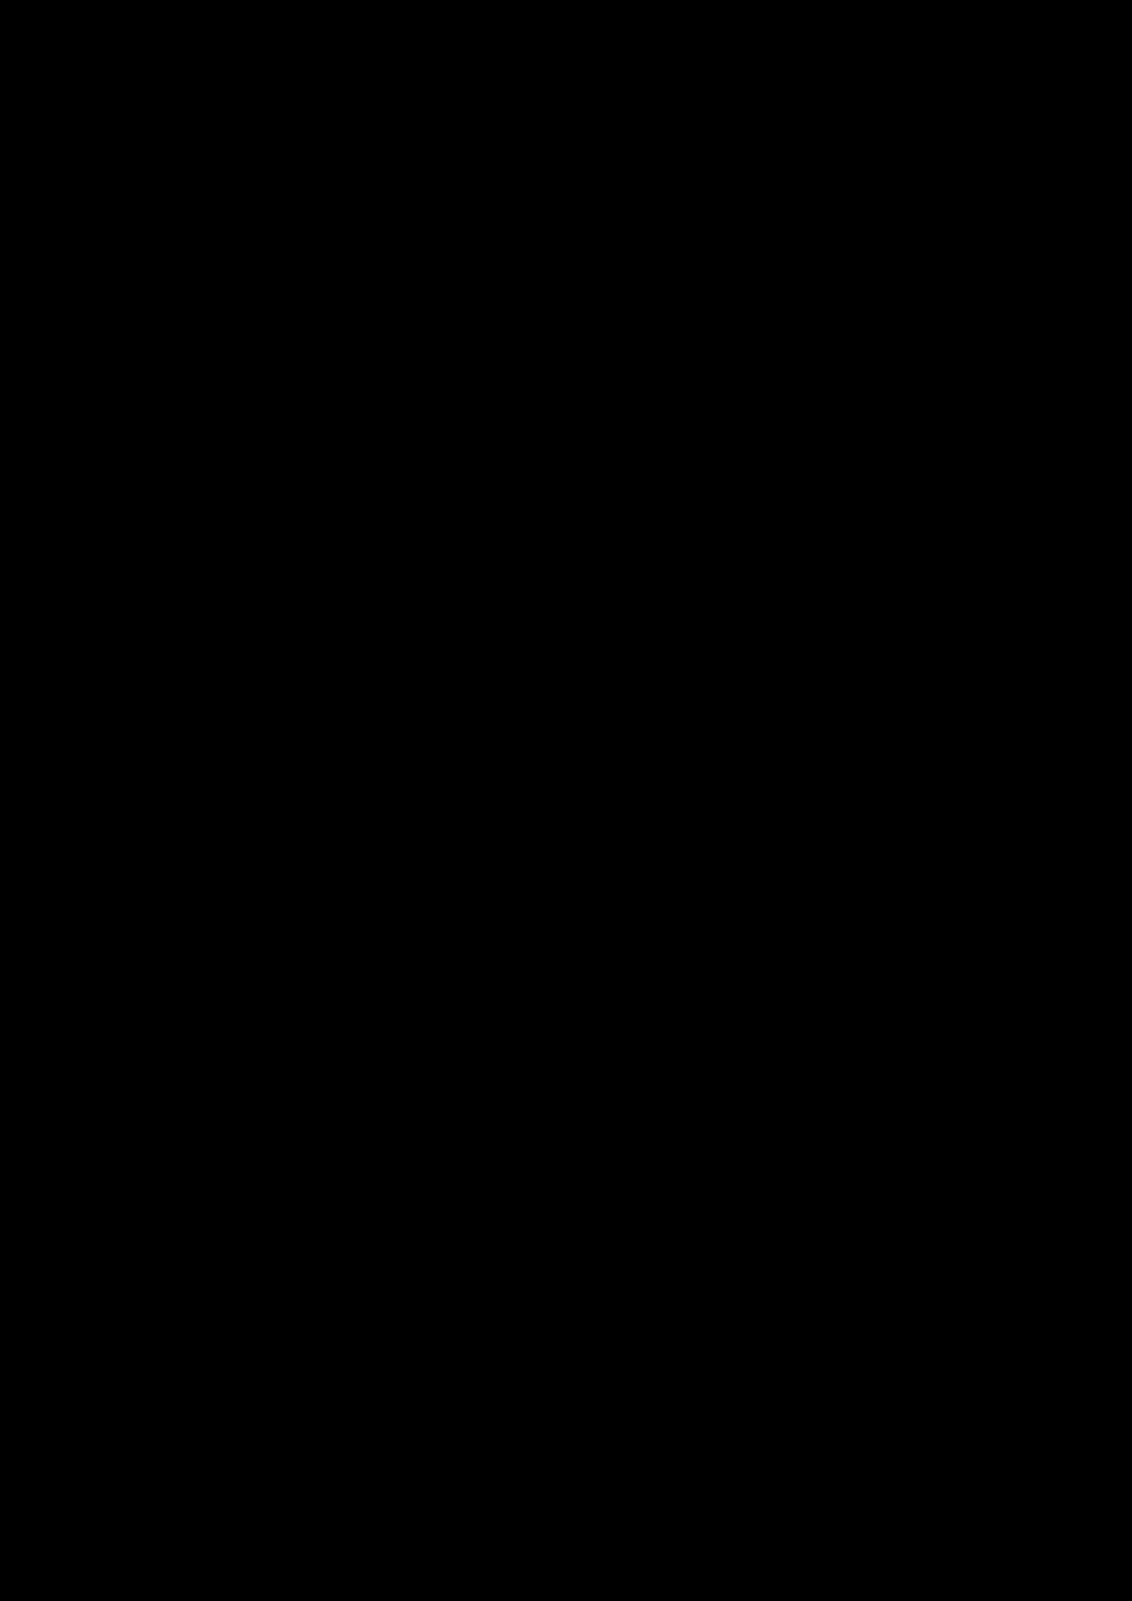 Serdtse slide, Image 6